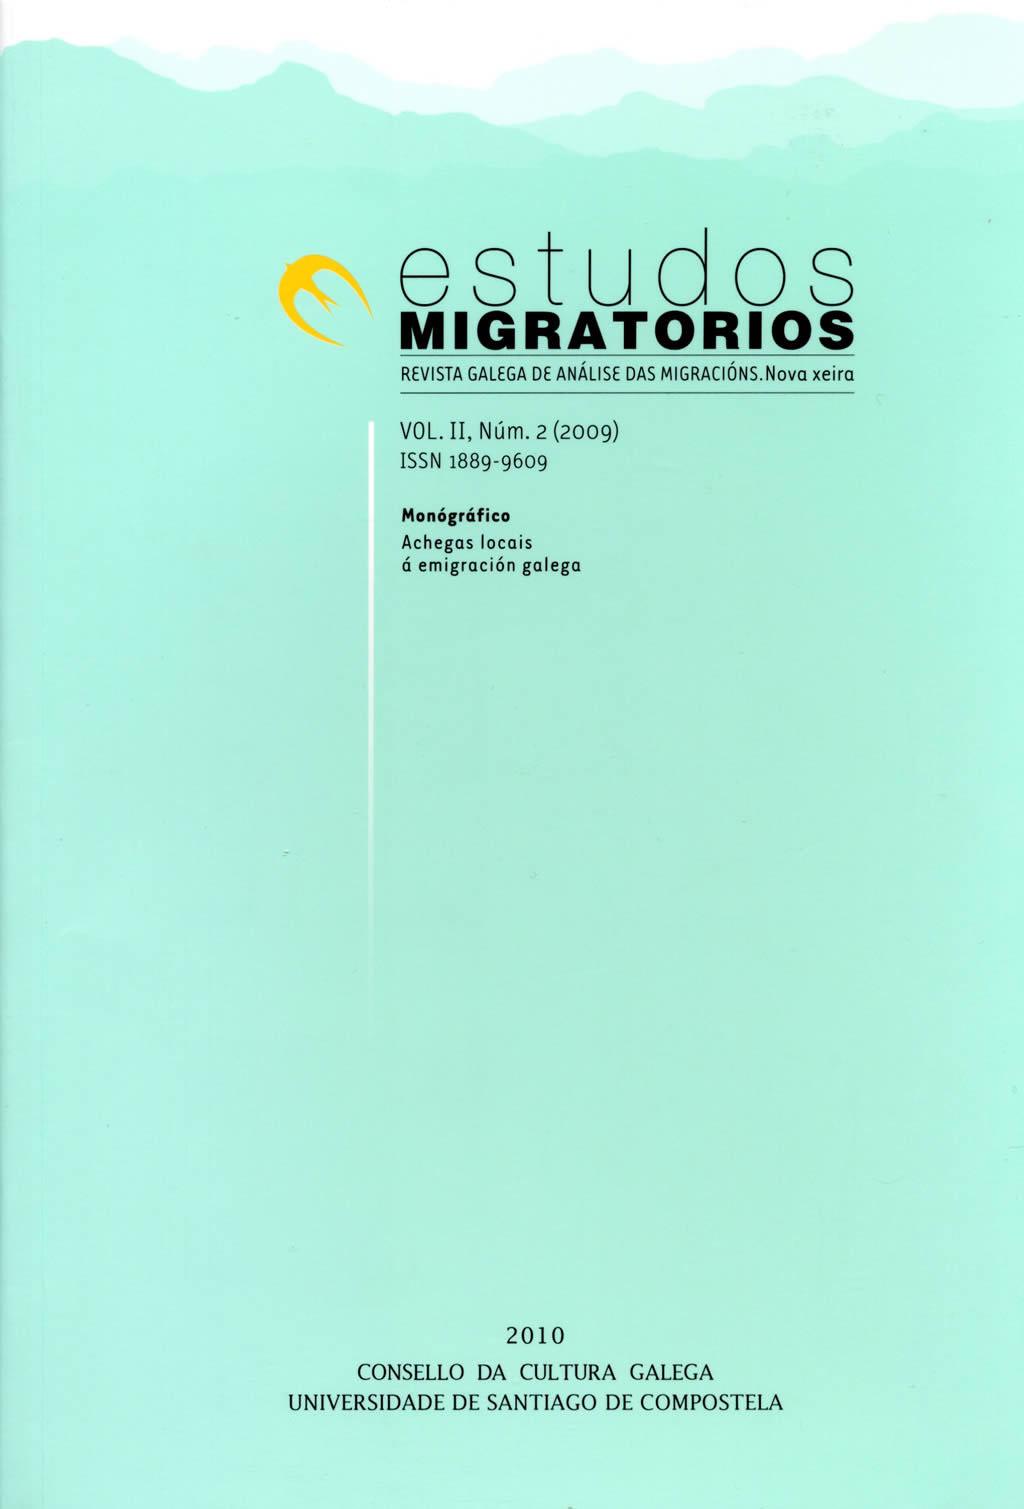 Portada de  Estudos Migratorios. Revista Galega de Análise das Migracións. V. II, N.º 2 (2009)